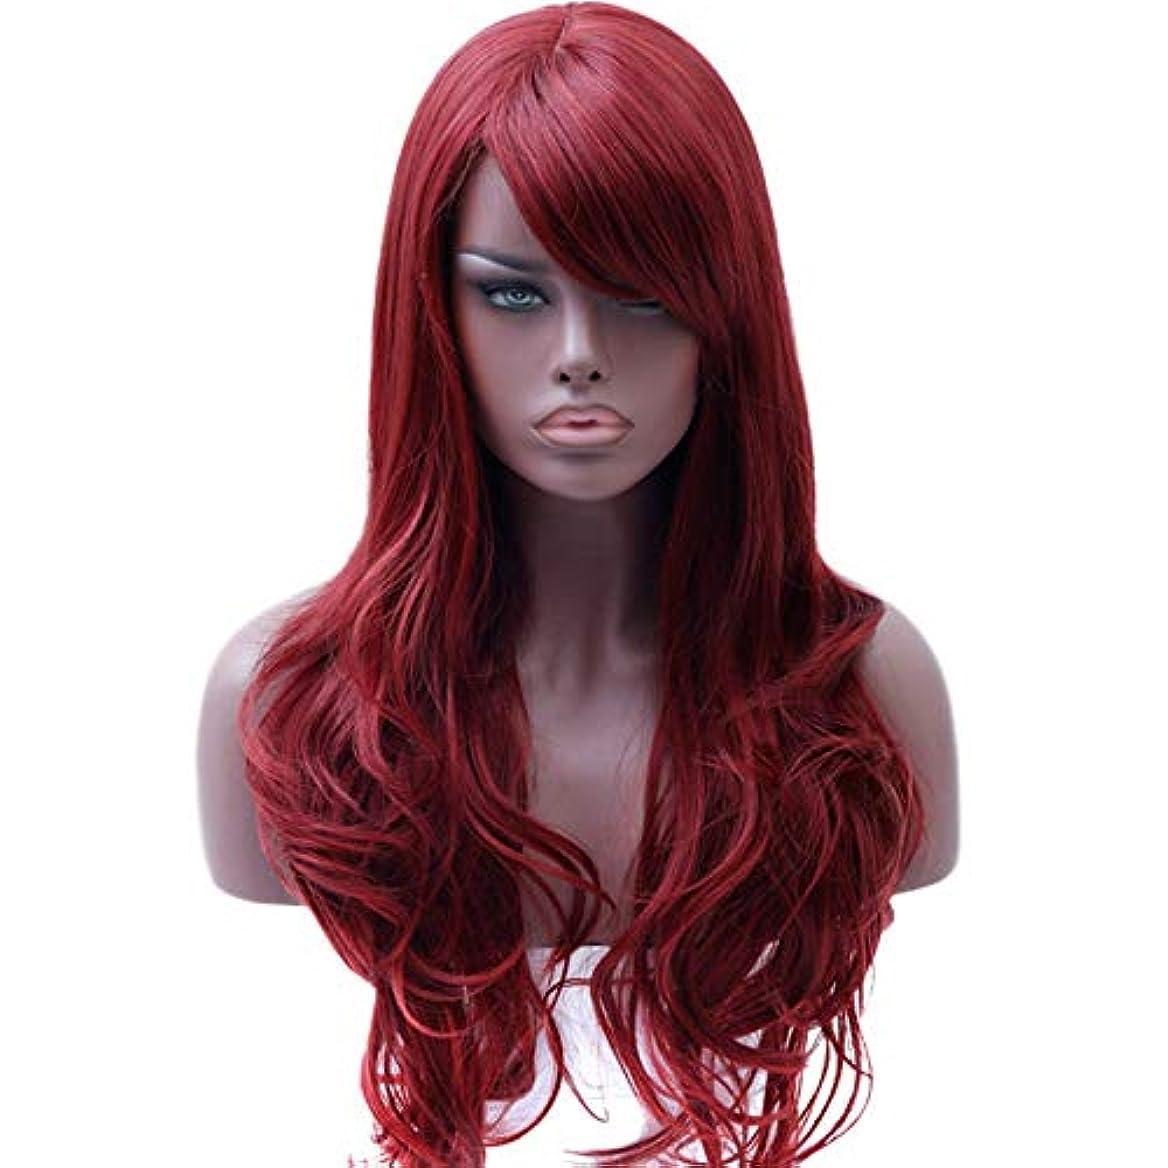 分解するタックル位置づける美しく 黒人女性サイドパート耐熱ウィッグ赤コスプレウィッグ用DIFEIロングレッドウィッグ波状の合成ウィッグ (Color : Red, Stretched Length : 28inches)